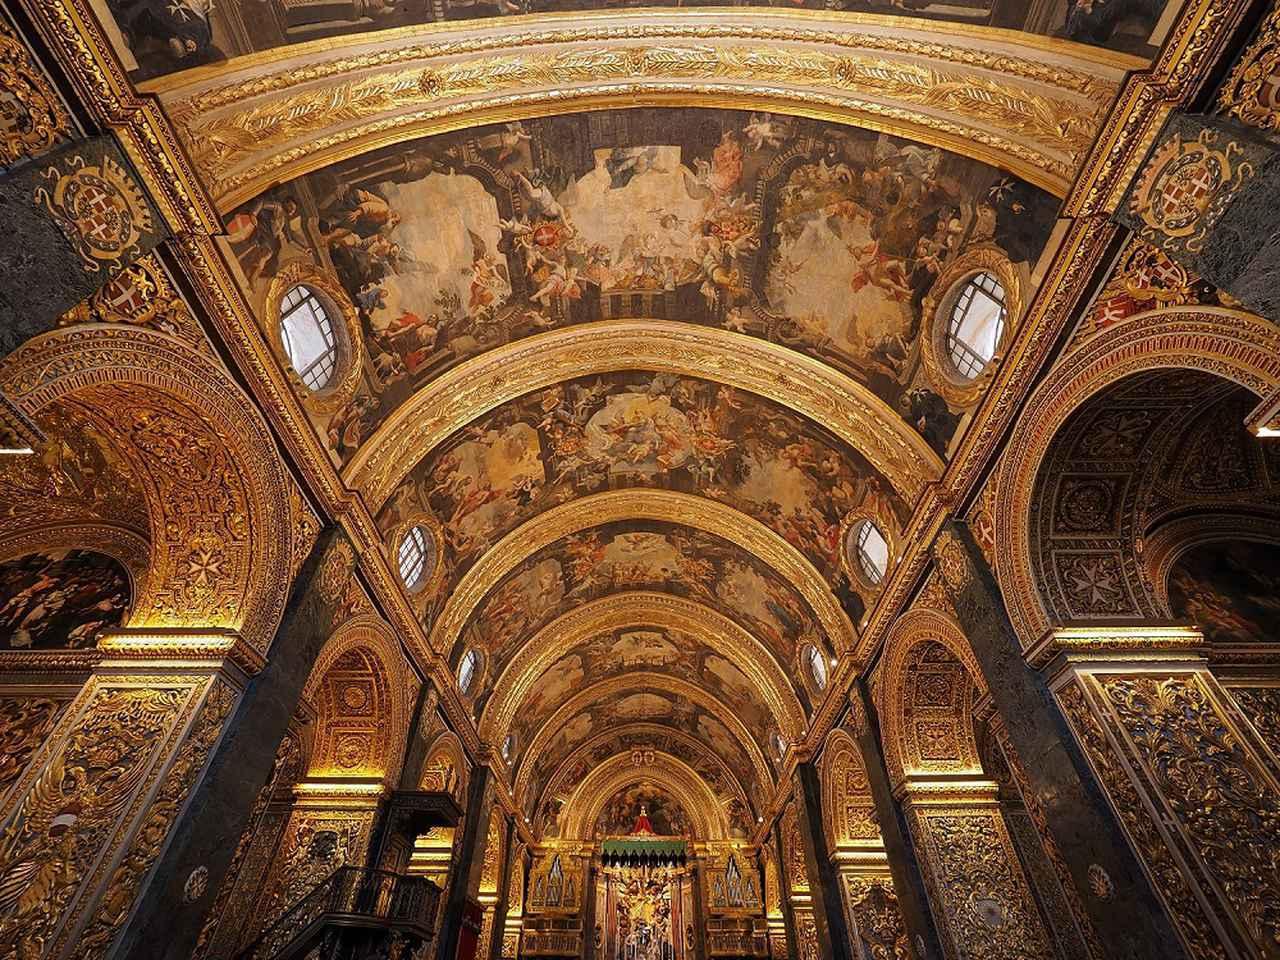 画像: 聖ヨハネ大聖堂(イメージ)